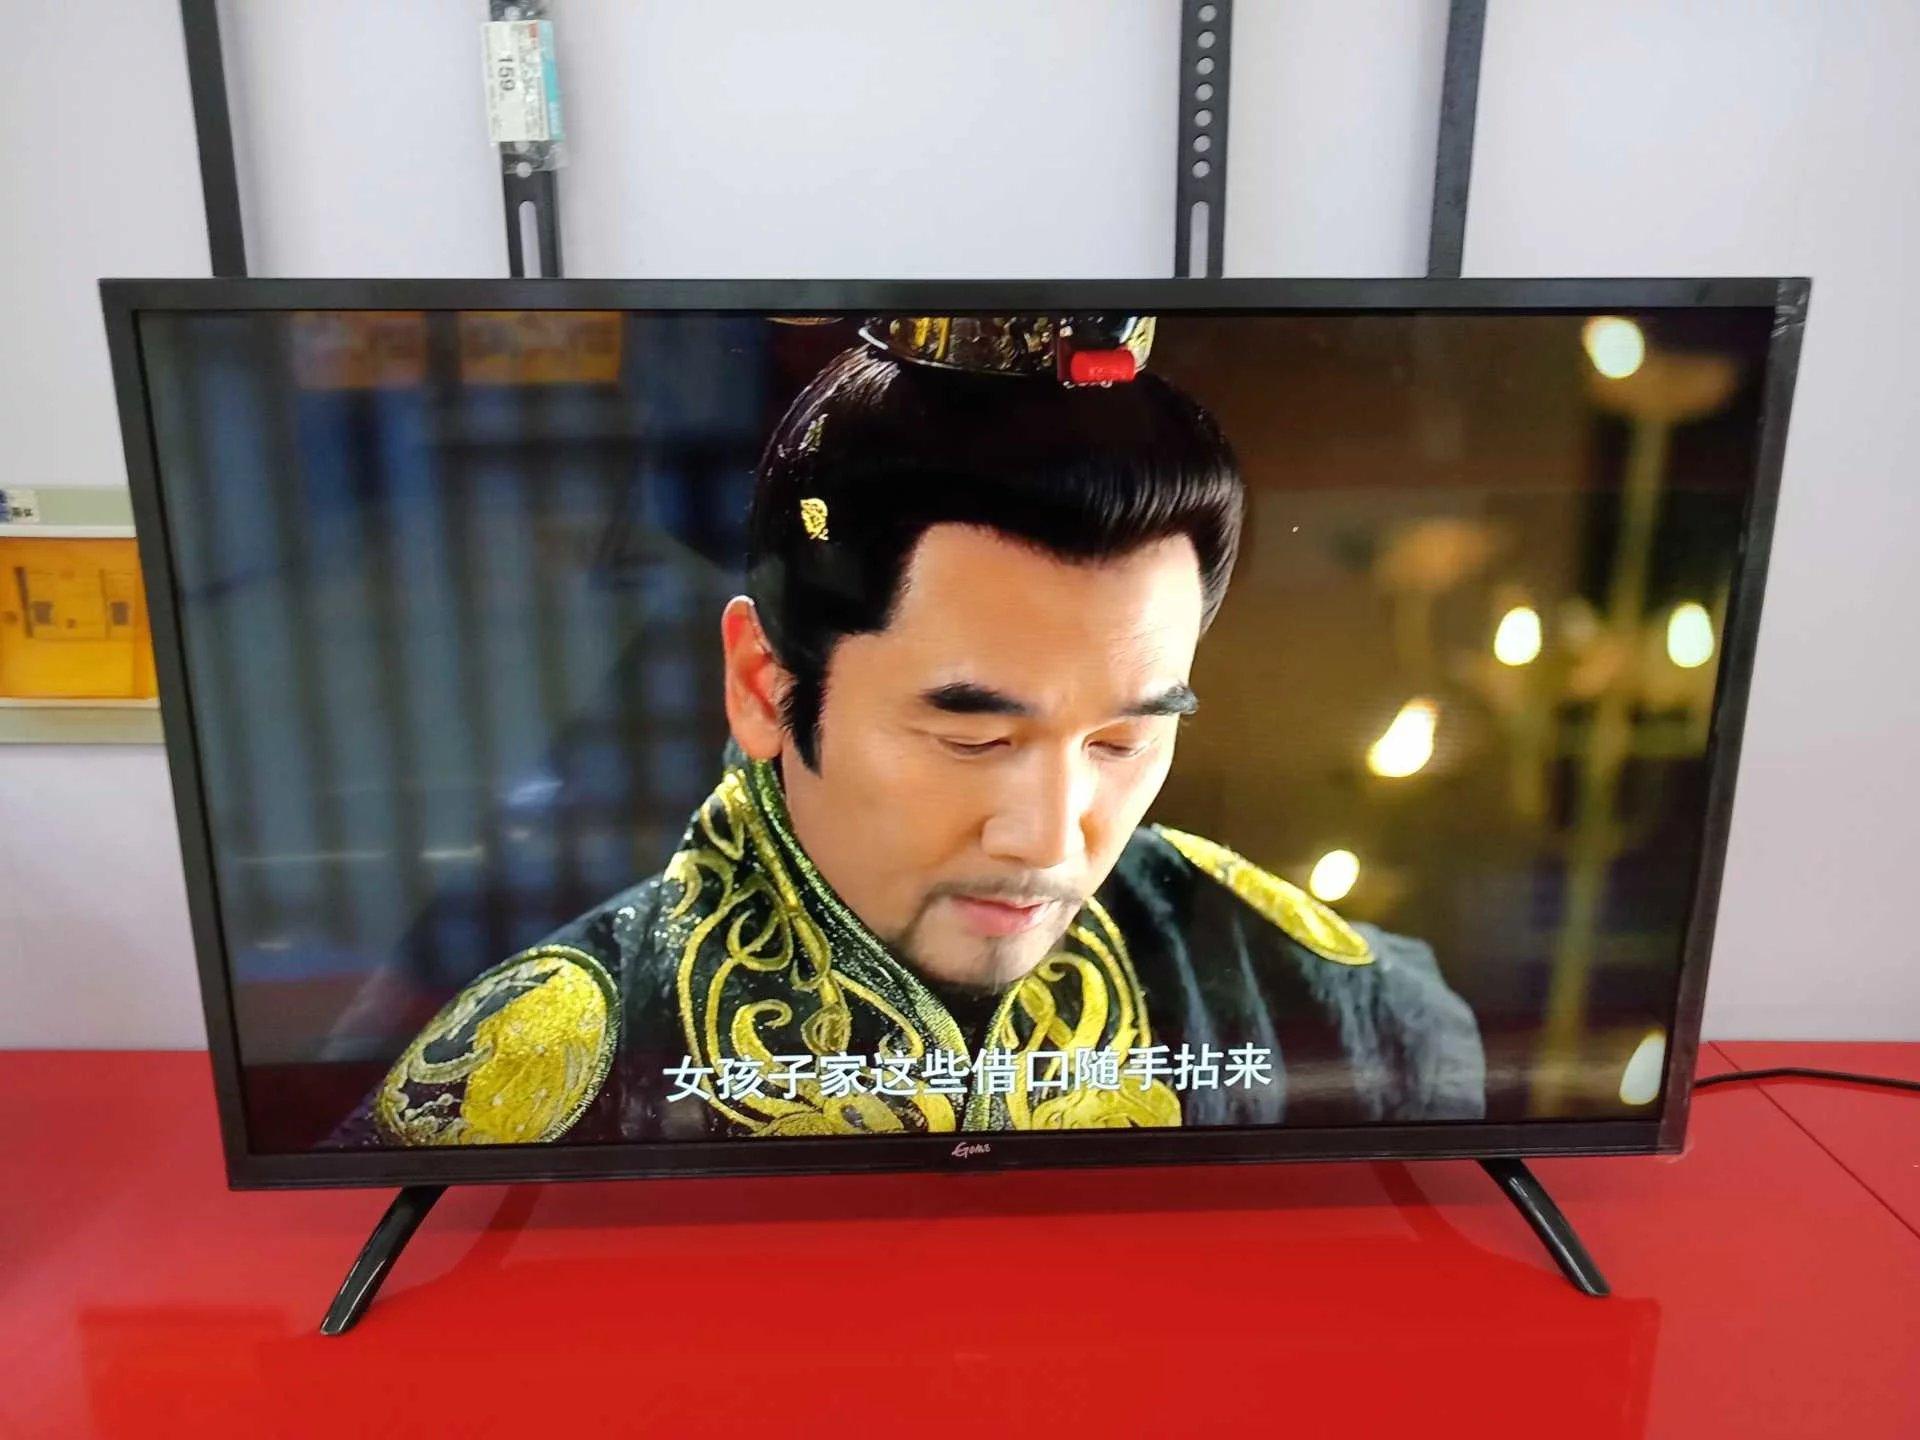 国美彩电怎么样?国美32GM16F智能电视值得买吗?